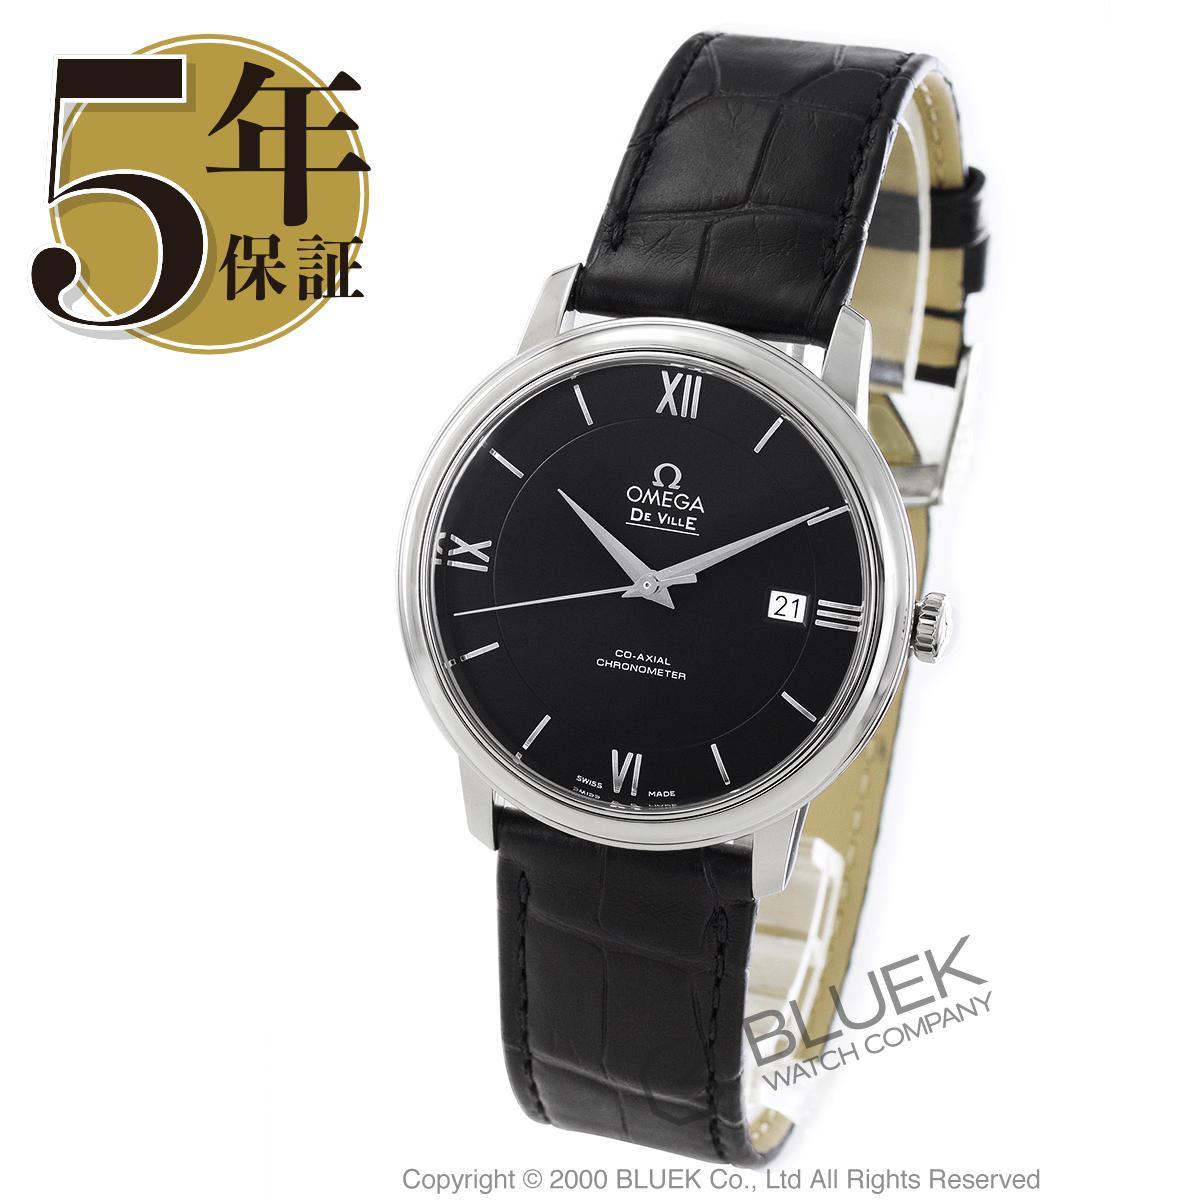 オメガ デビル プレステージ アリゲーターレザー 腕時計 メンズ OMEGA 424.13.40.20.01.001_5